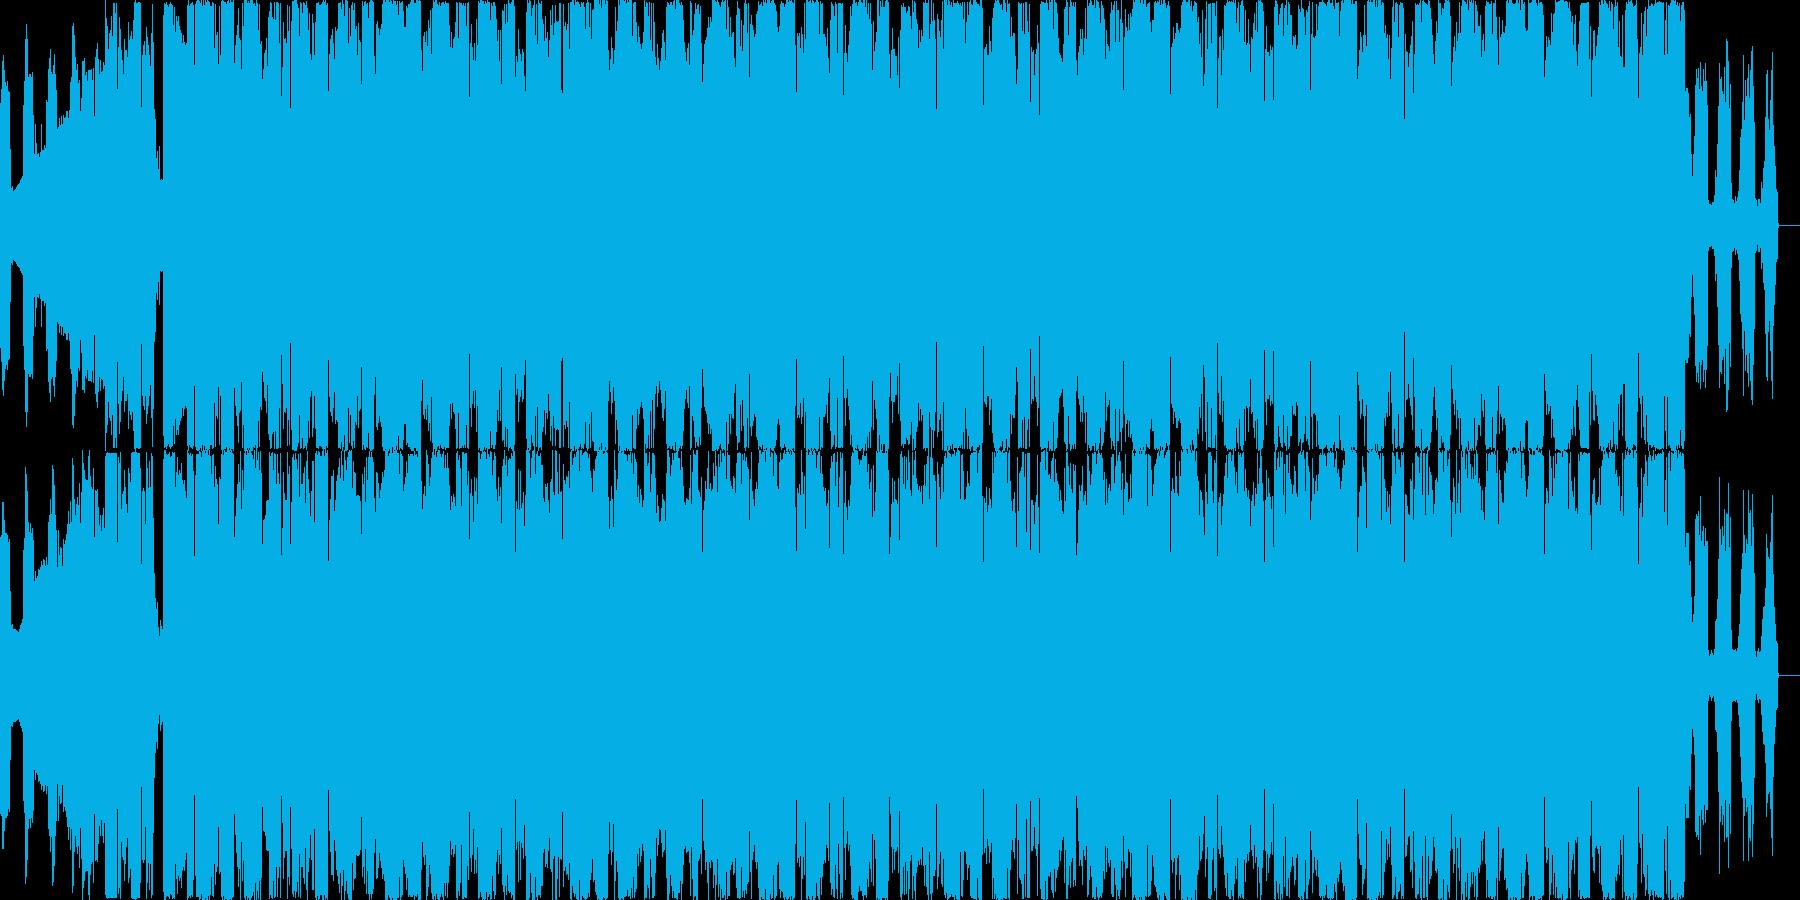 ゆらめくダンサンブルエレクトロニカEDMの再生済みの波形